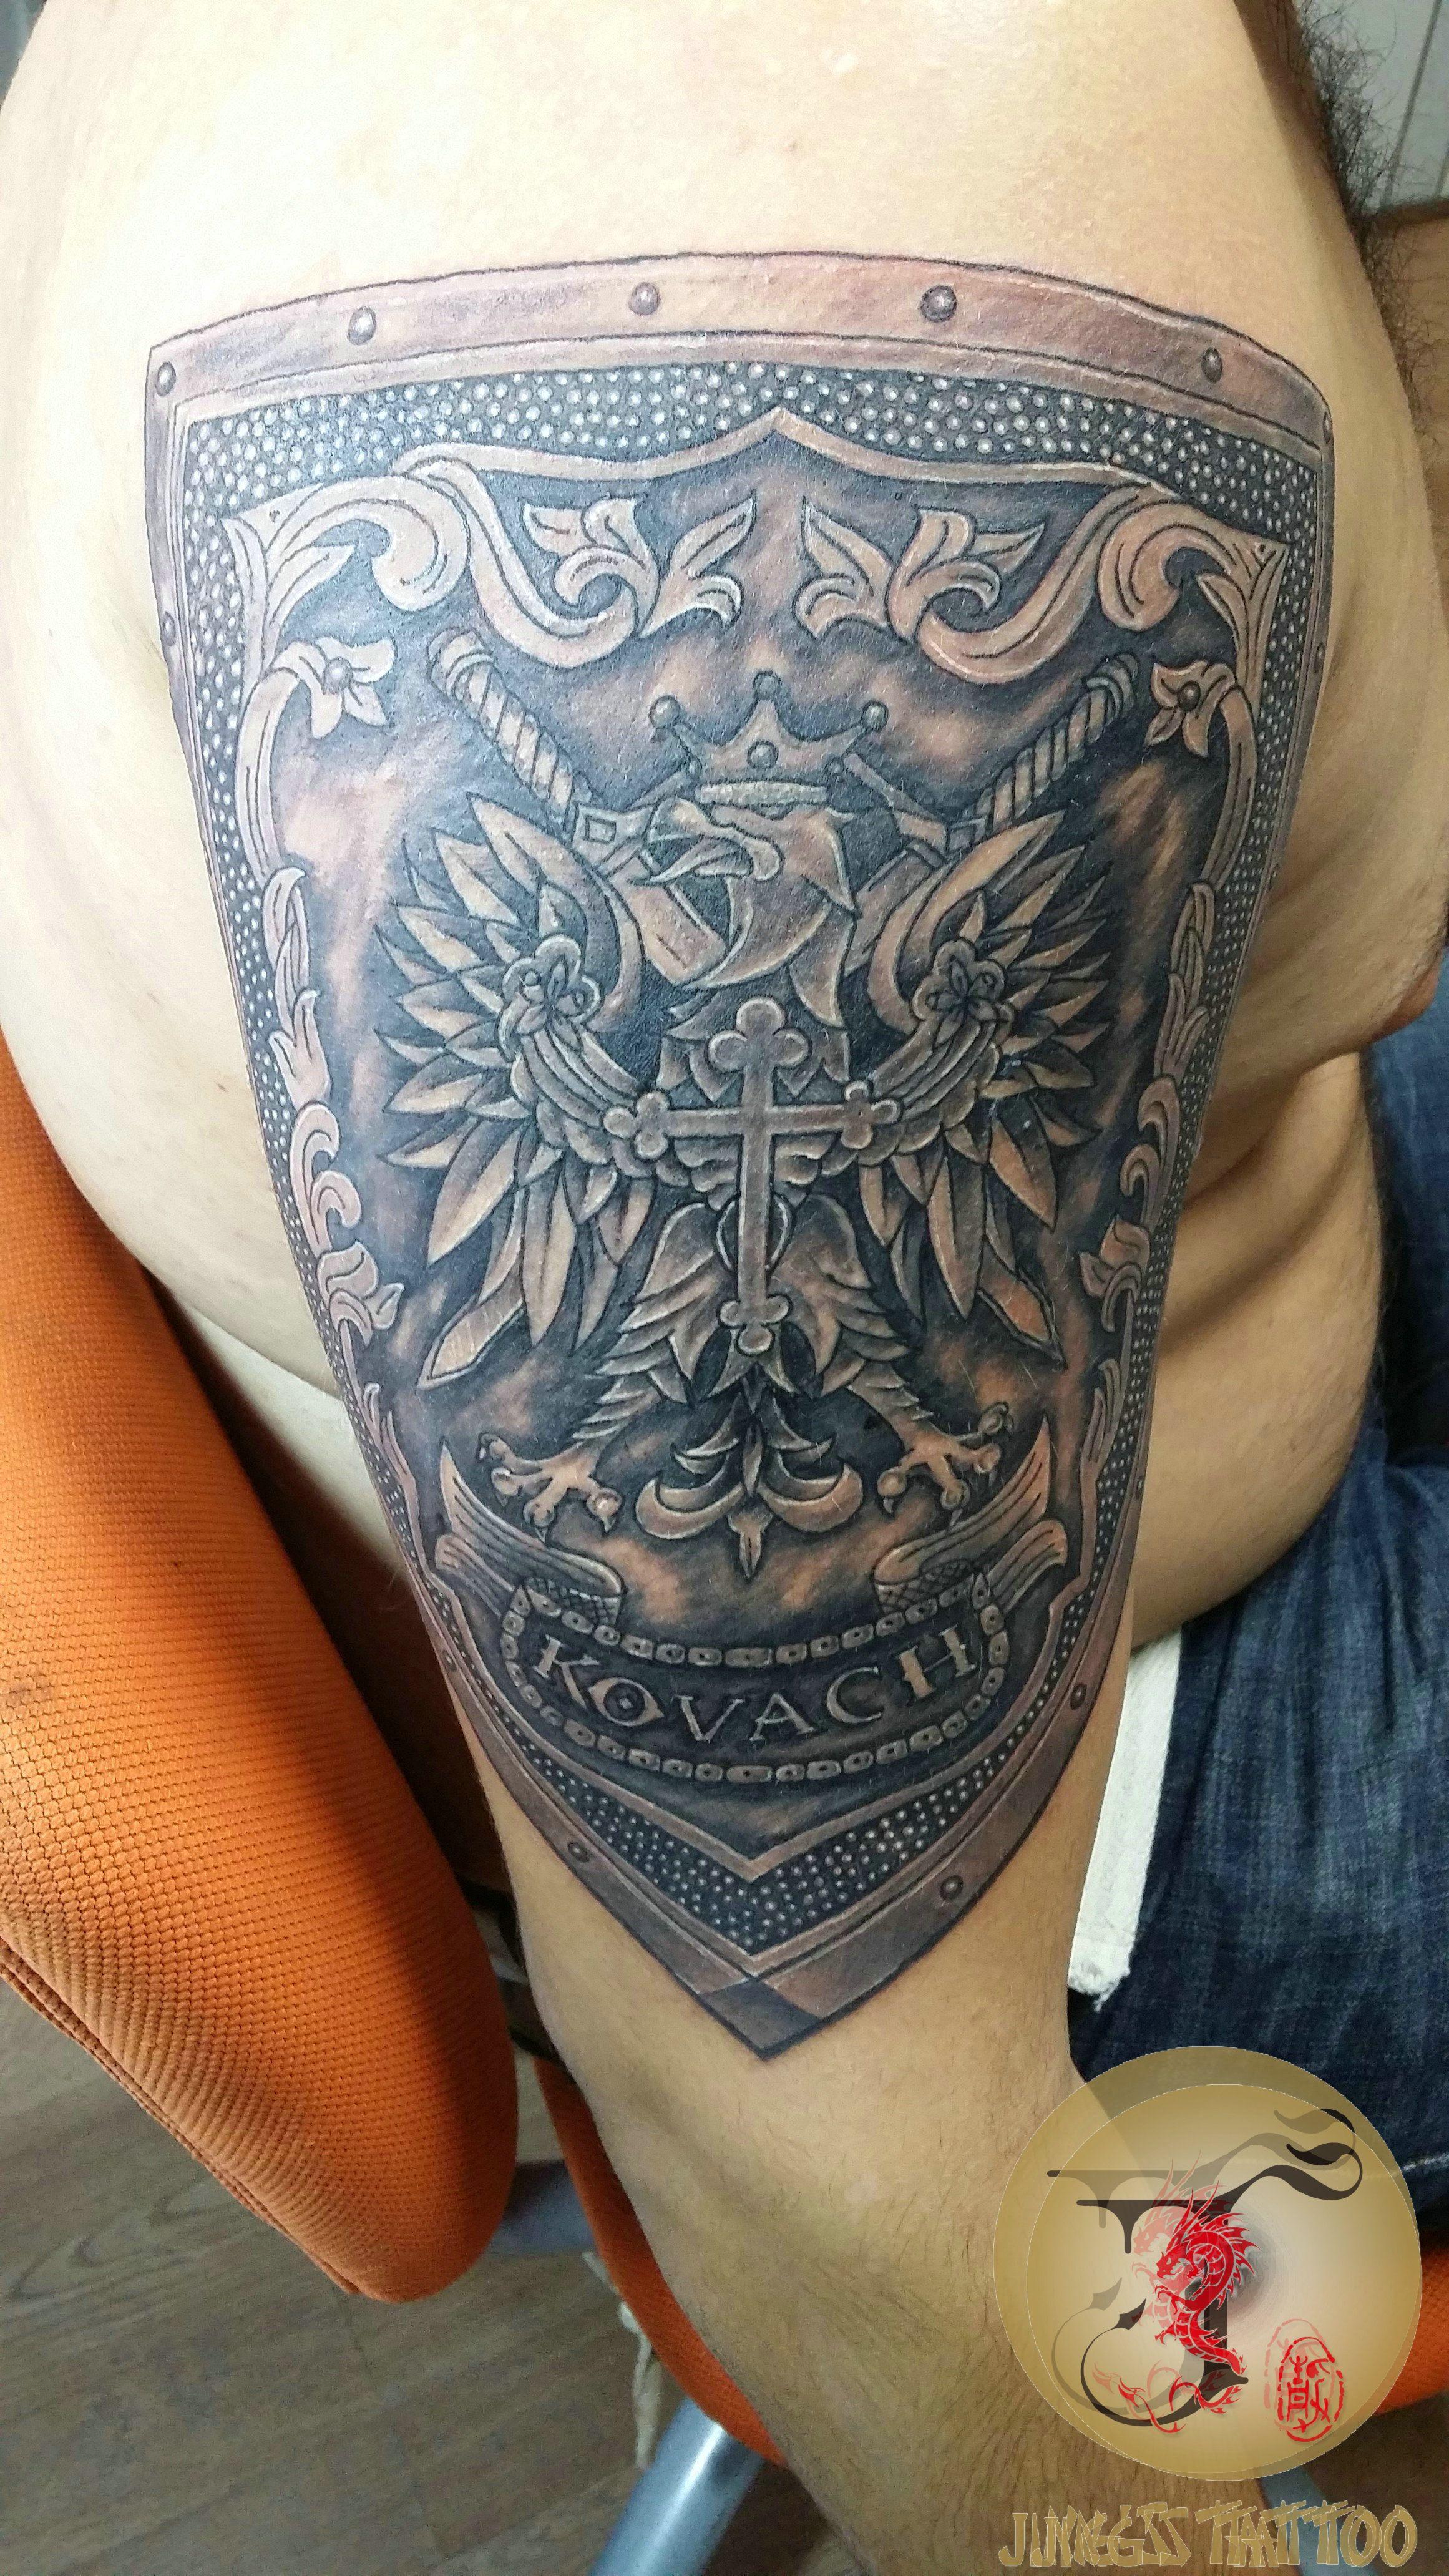 Welsh dragon tattoo designs - Poland Shield Tattoo